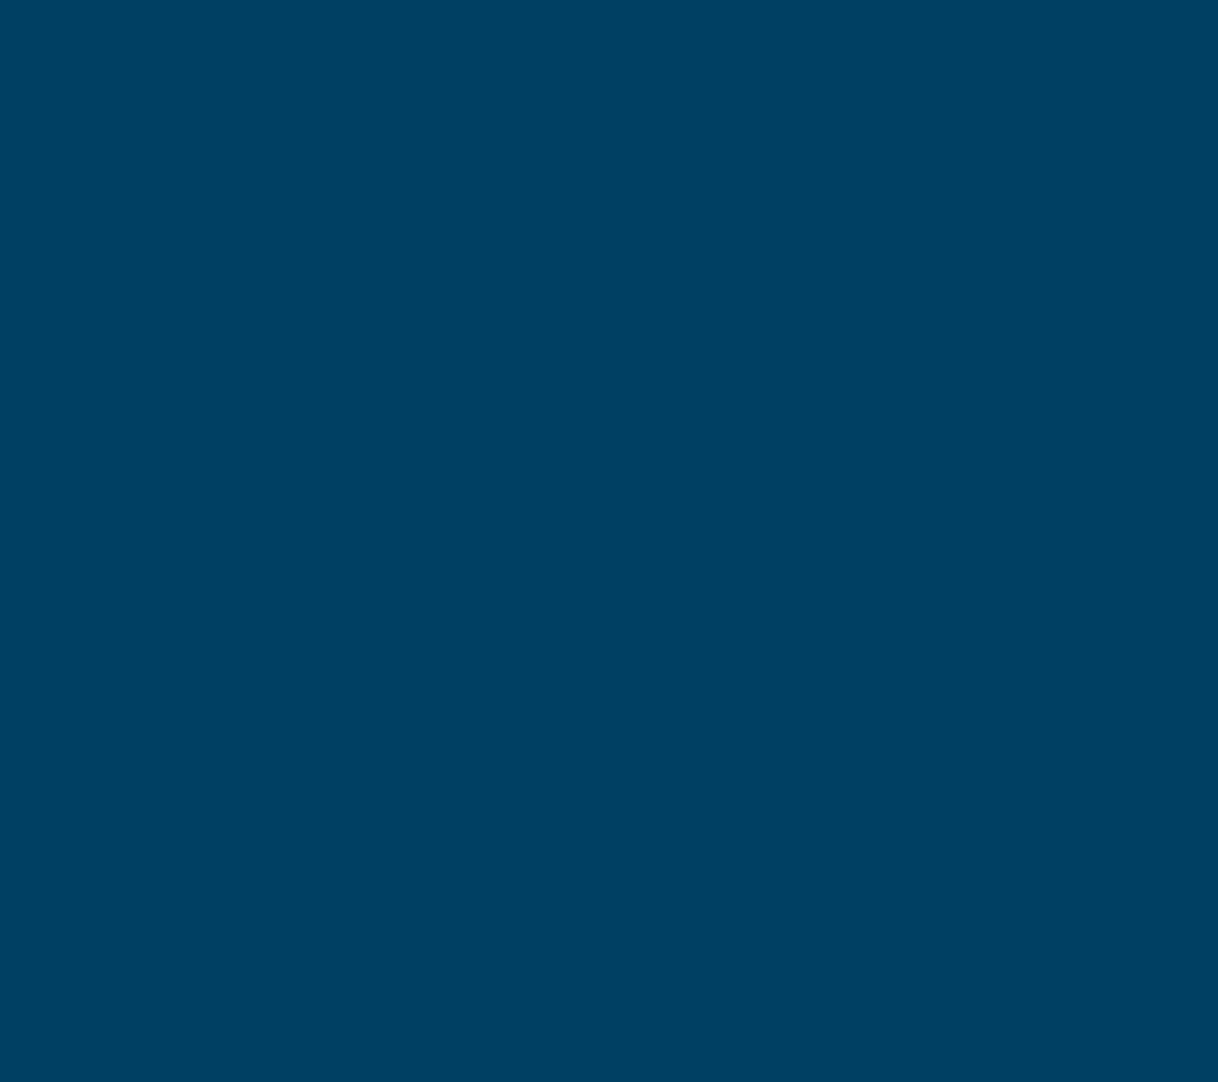 home-lg-regular-blue.png